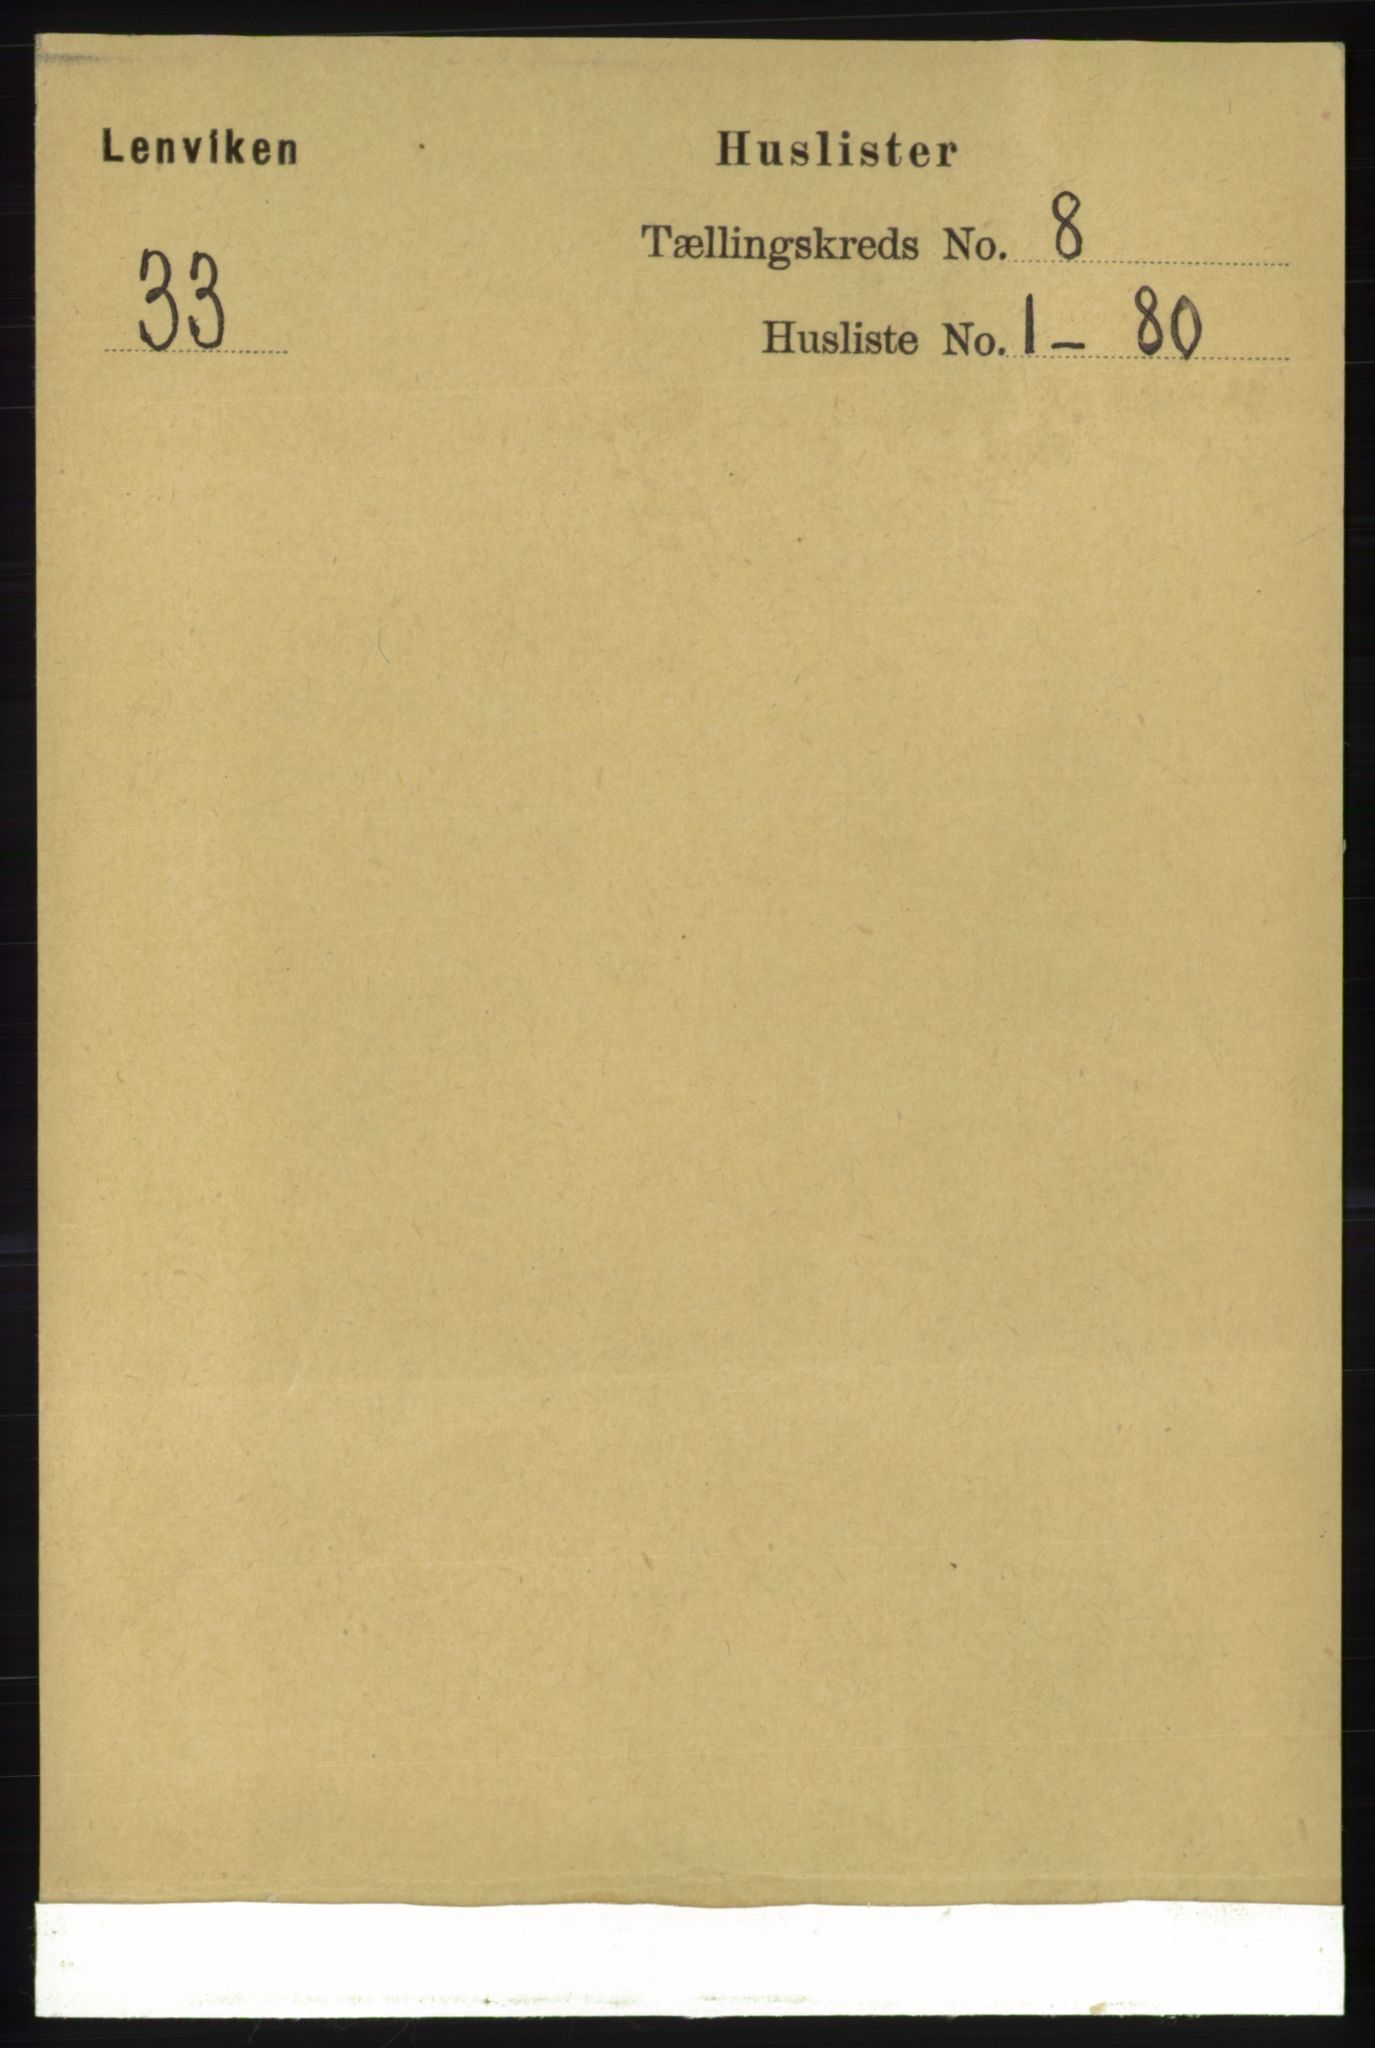 RA, Folketelling 1891 for 1931 Lenvik herred, 1891, s. 4309